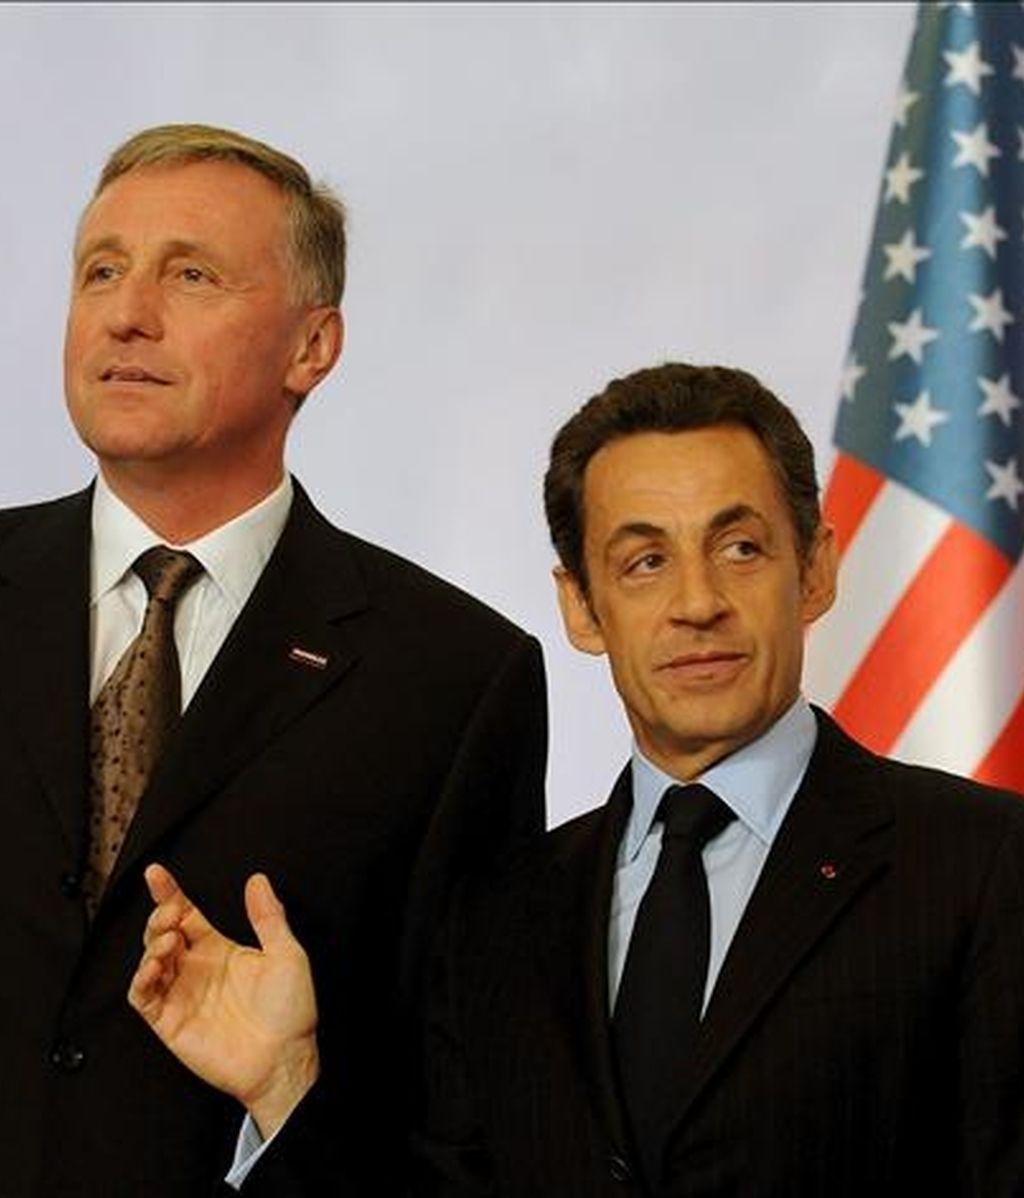 El presidente francés, Nicolas Sarkozy (d), y su homólogo checo y presidente del Consejo Europeo, Mirek Topolanek, posan hoy para los fotógrafos antes del inicio de la cumbre informal UE-EEUU, en Praga, República Checa. EFE